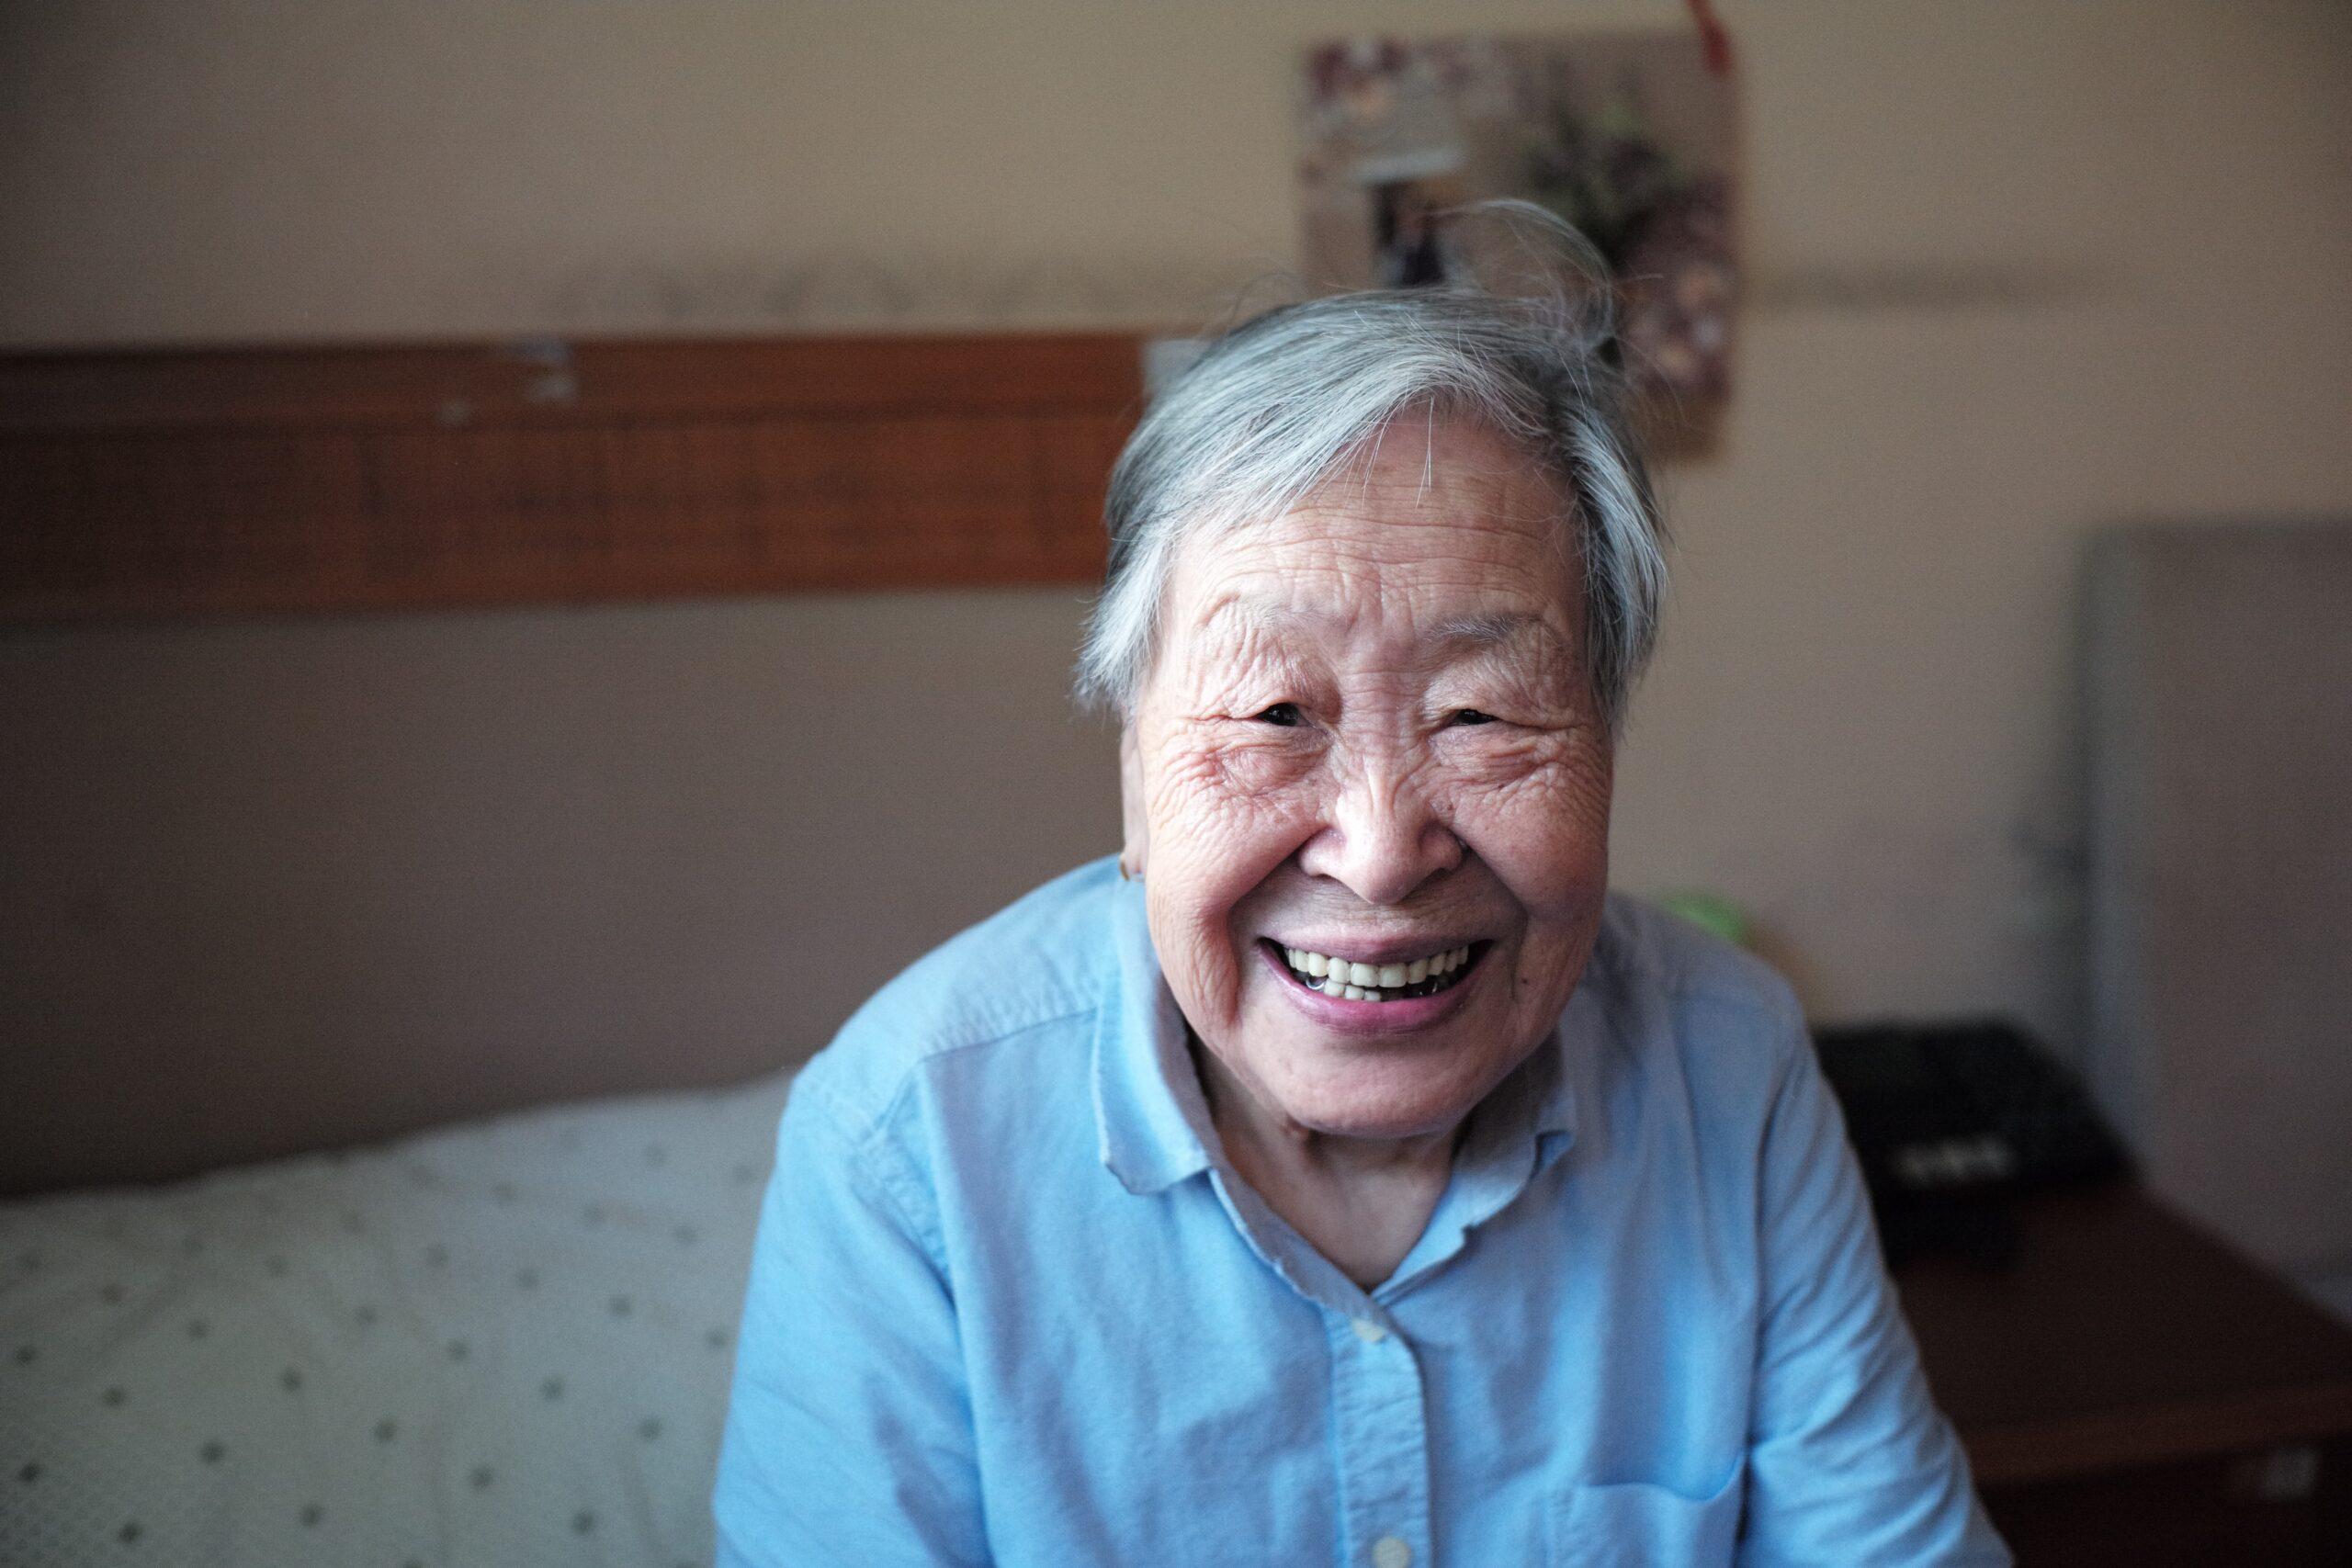 Photo by Jixiao Huang